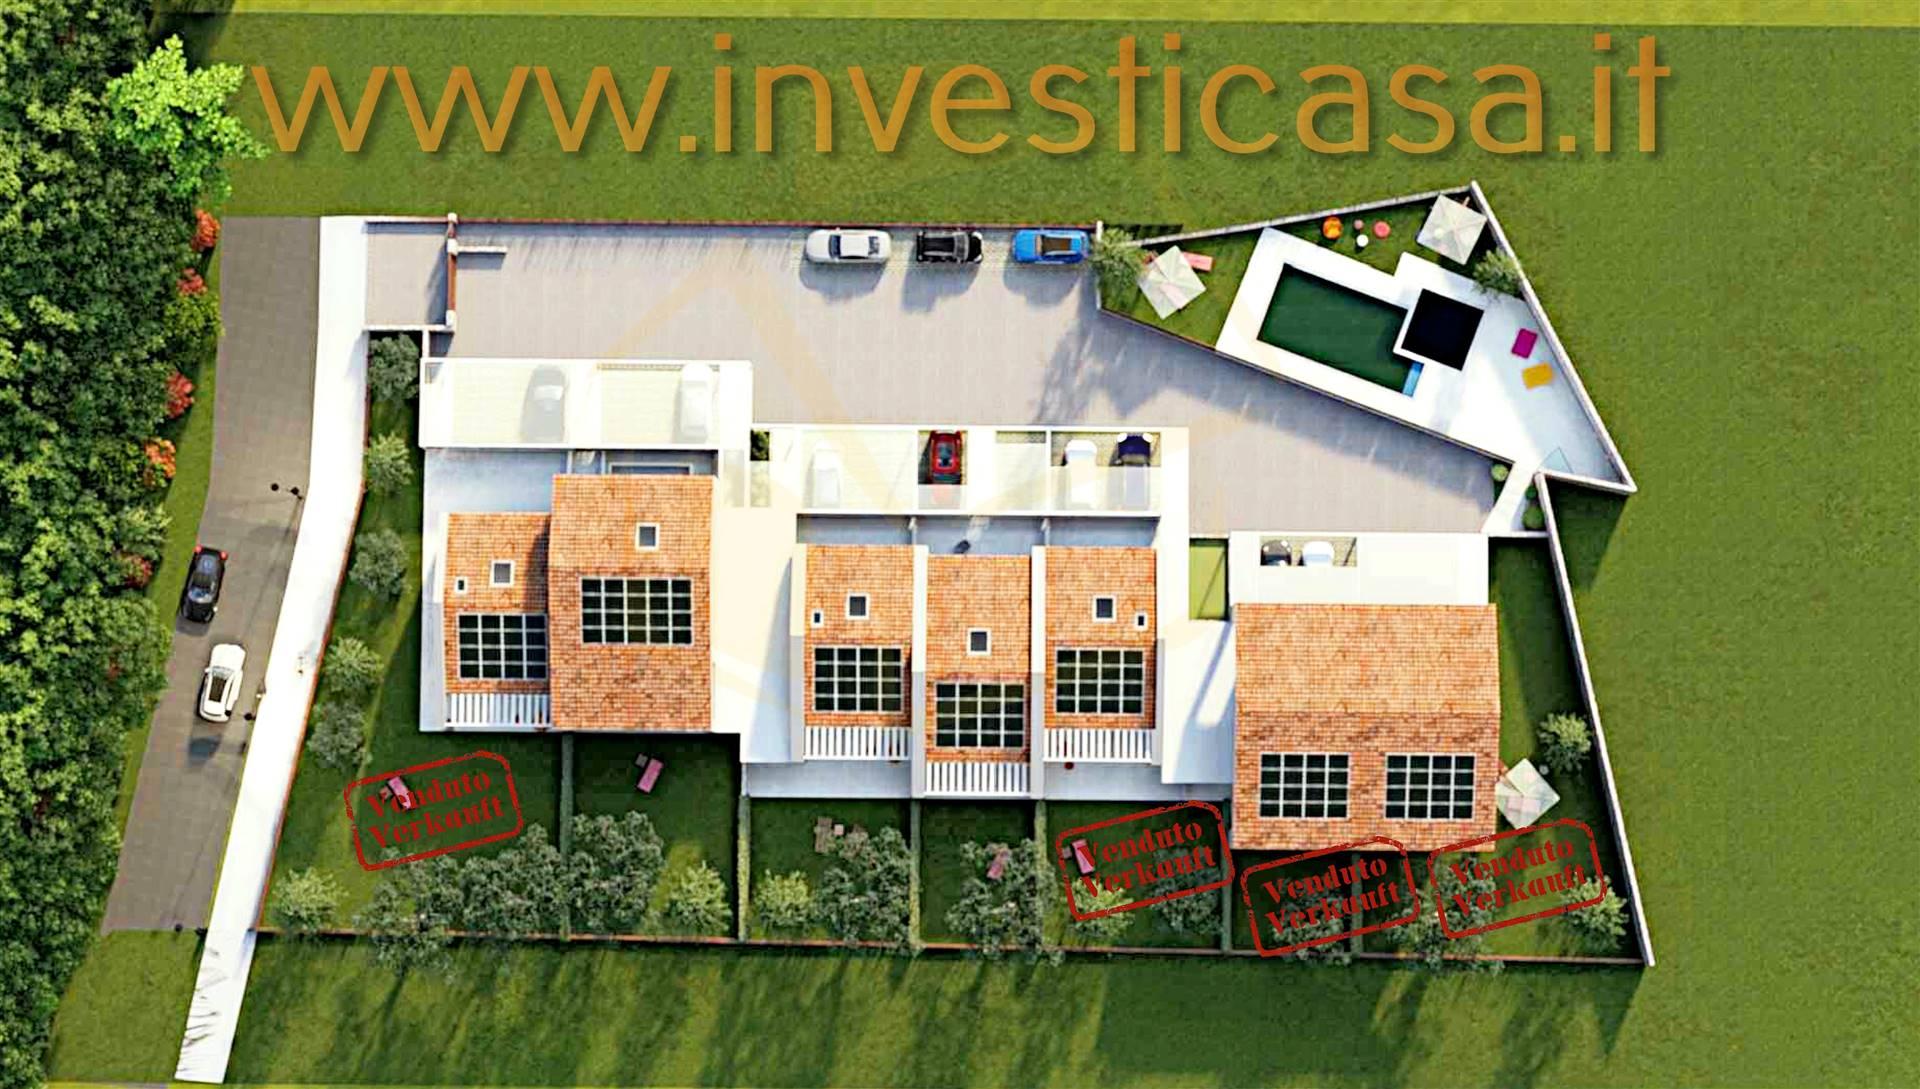 Appartamento in vendita a Costermano, 3 locali, zona Località: CASTION VERONESE, prezzo € 285.000 | CambioCasa.it